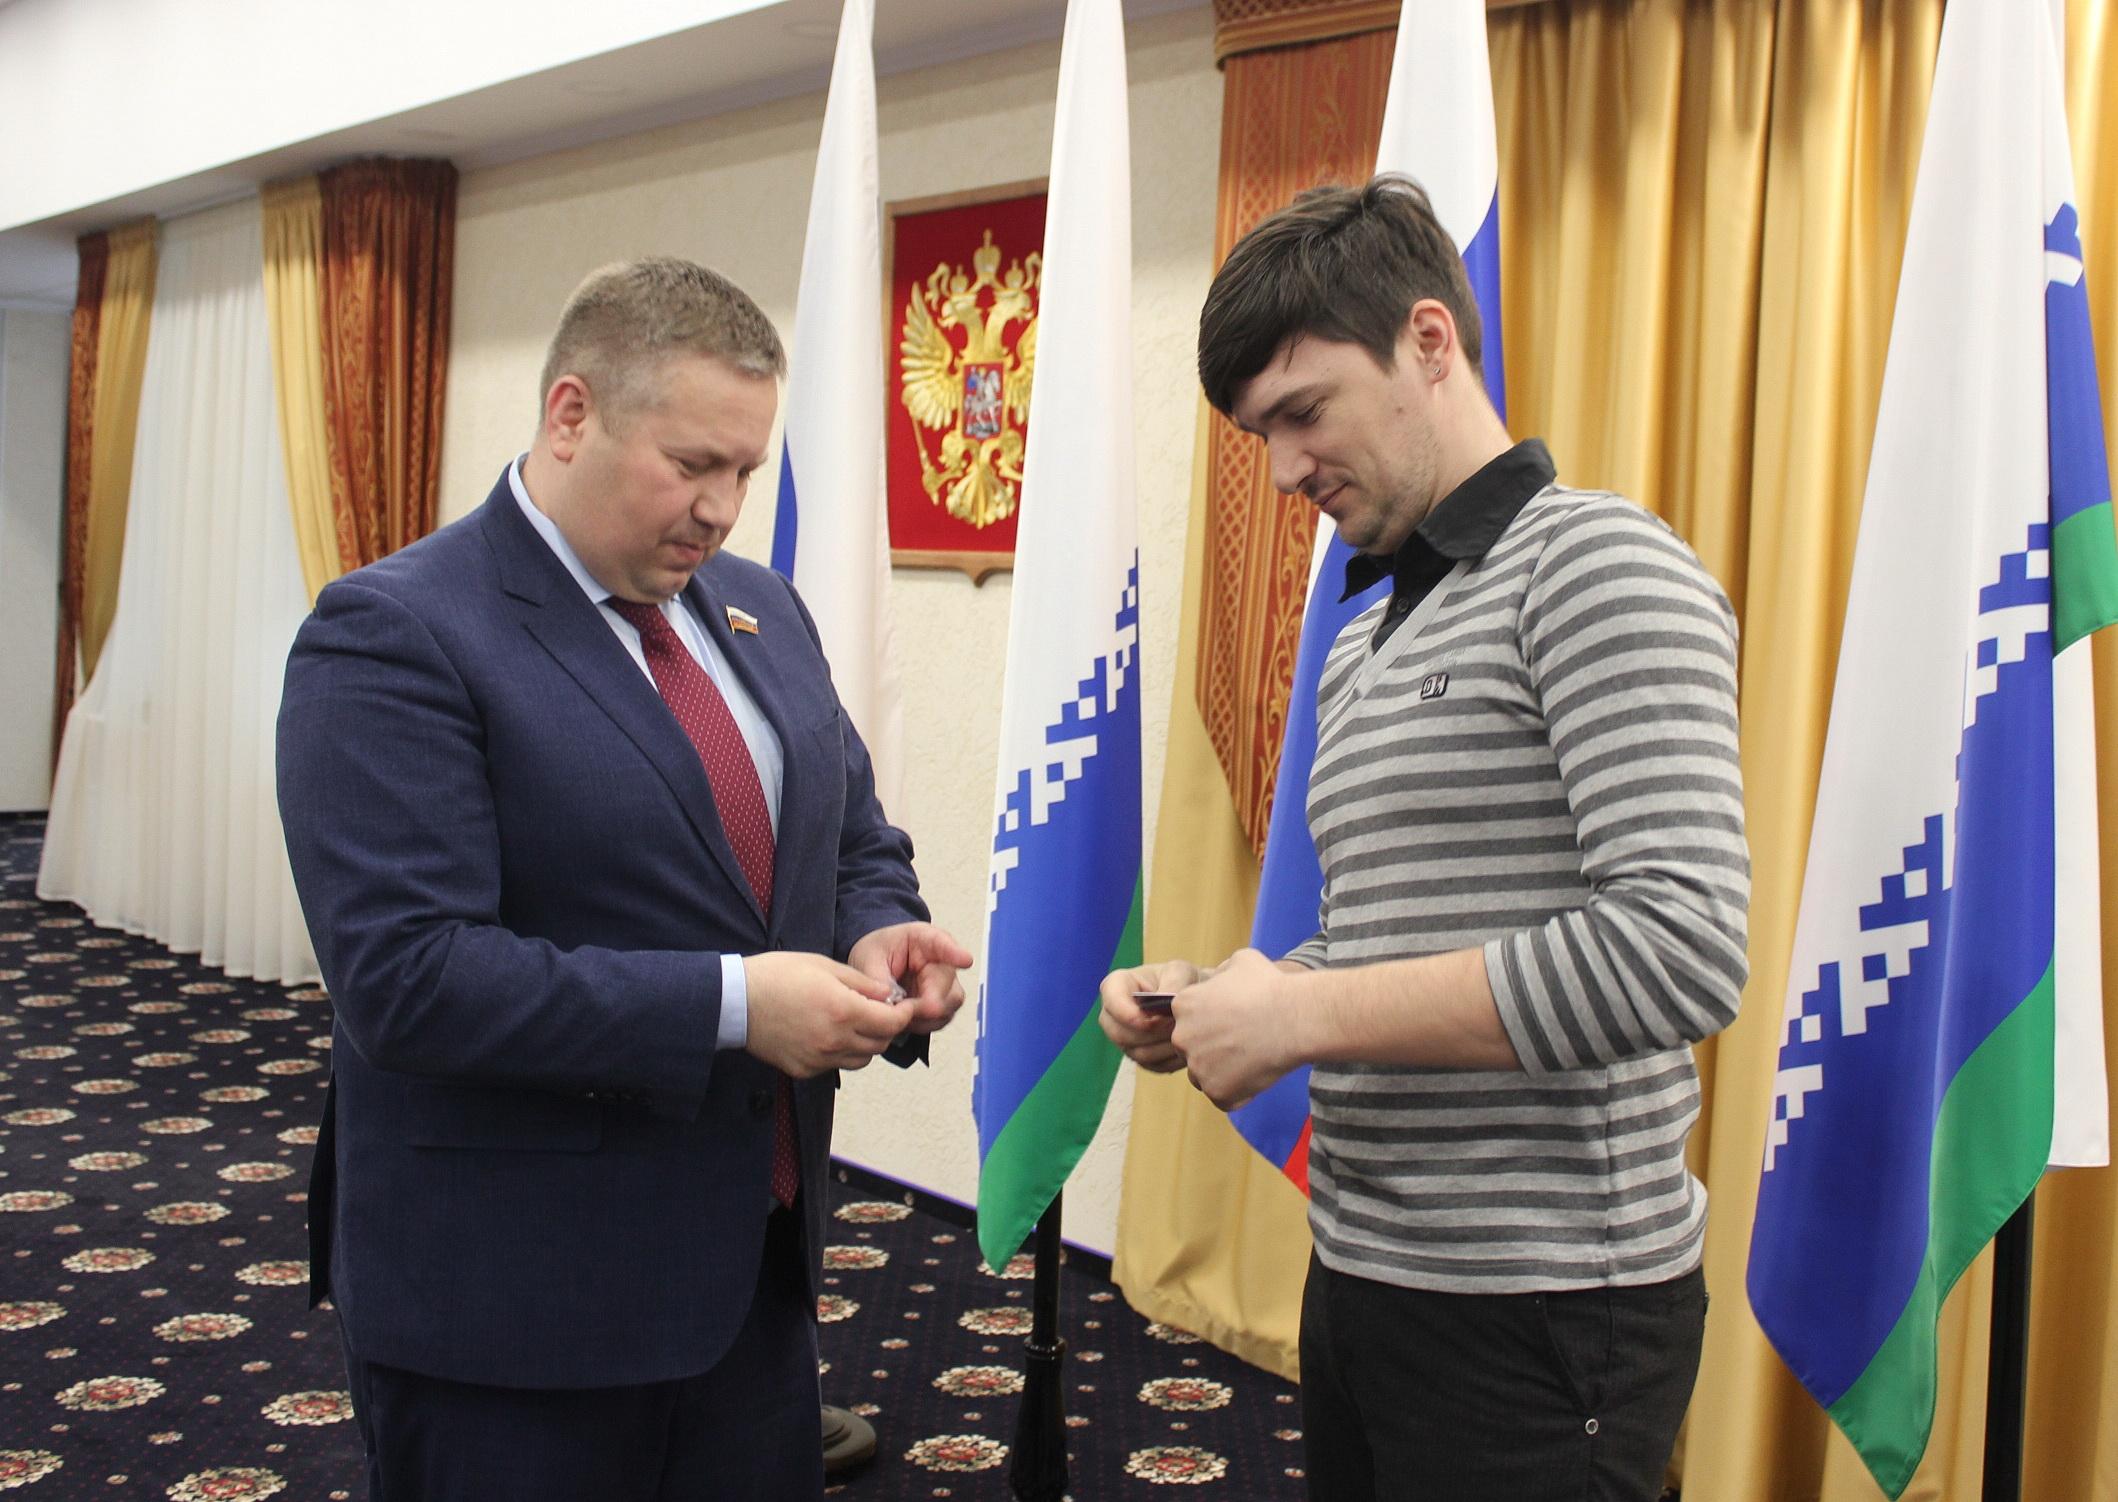 Секретарь НРО вручает партбилет Ярославу Дмитруку